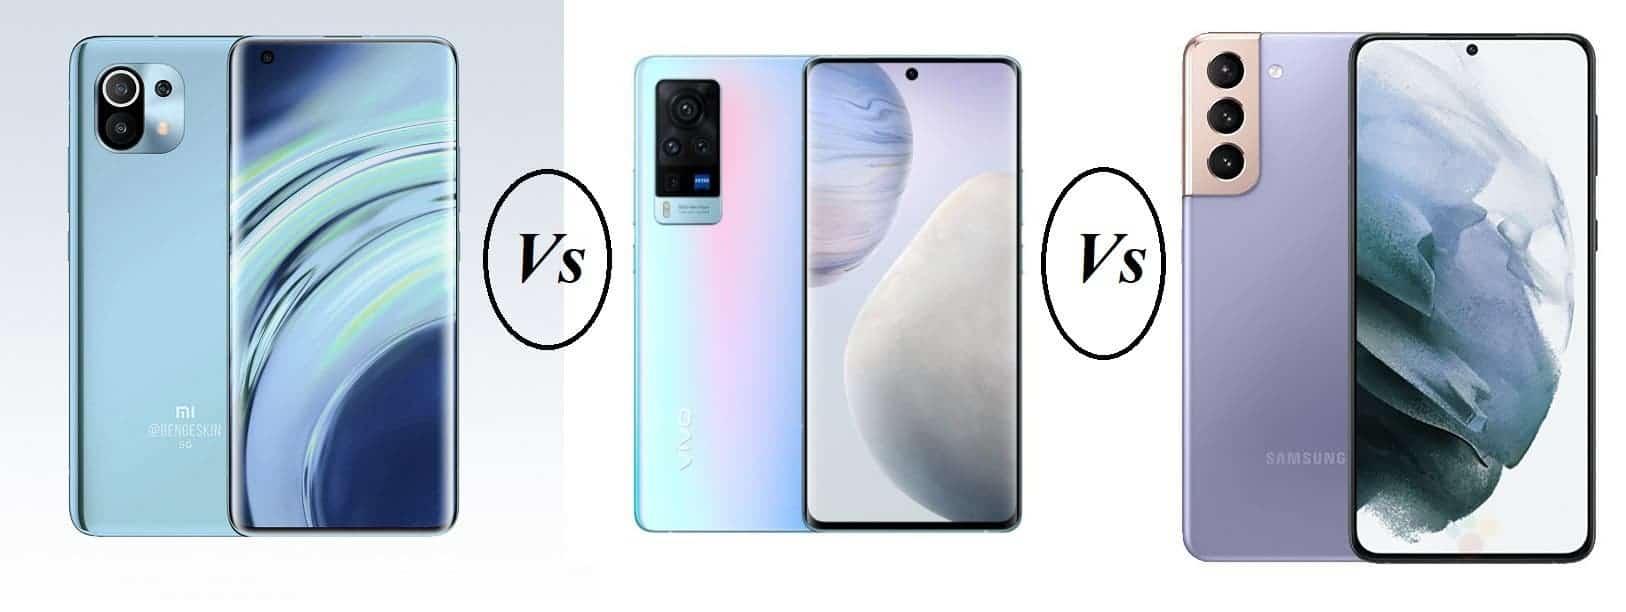 مقایسه طراحی Xiaomi Mi 11 و Vivo X60 Pro و +Samsung Galaxy S21